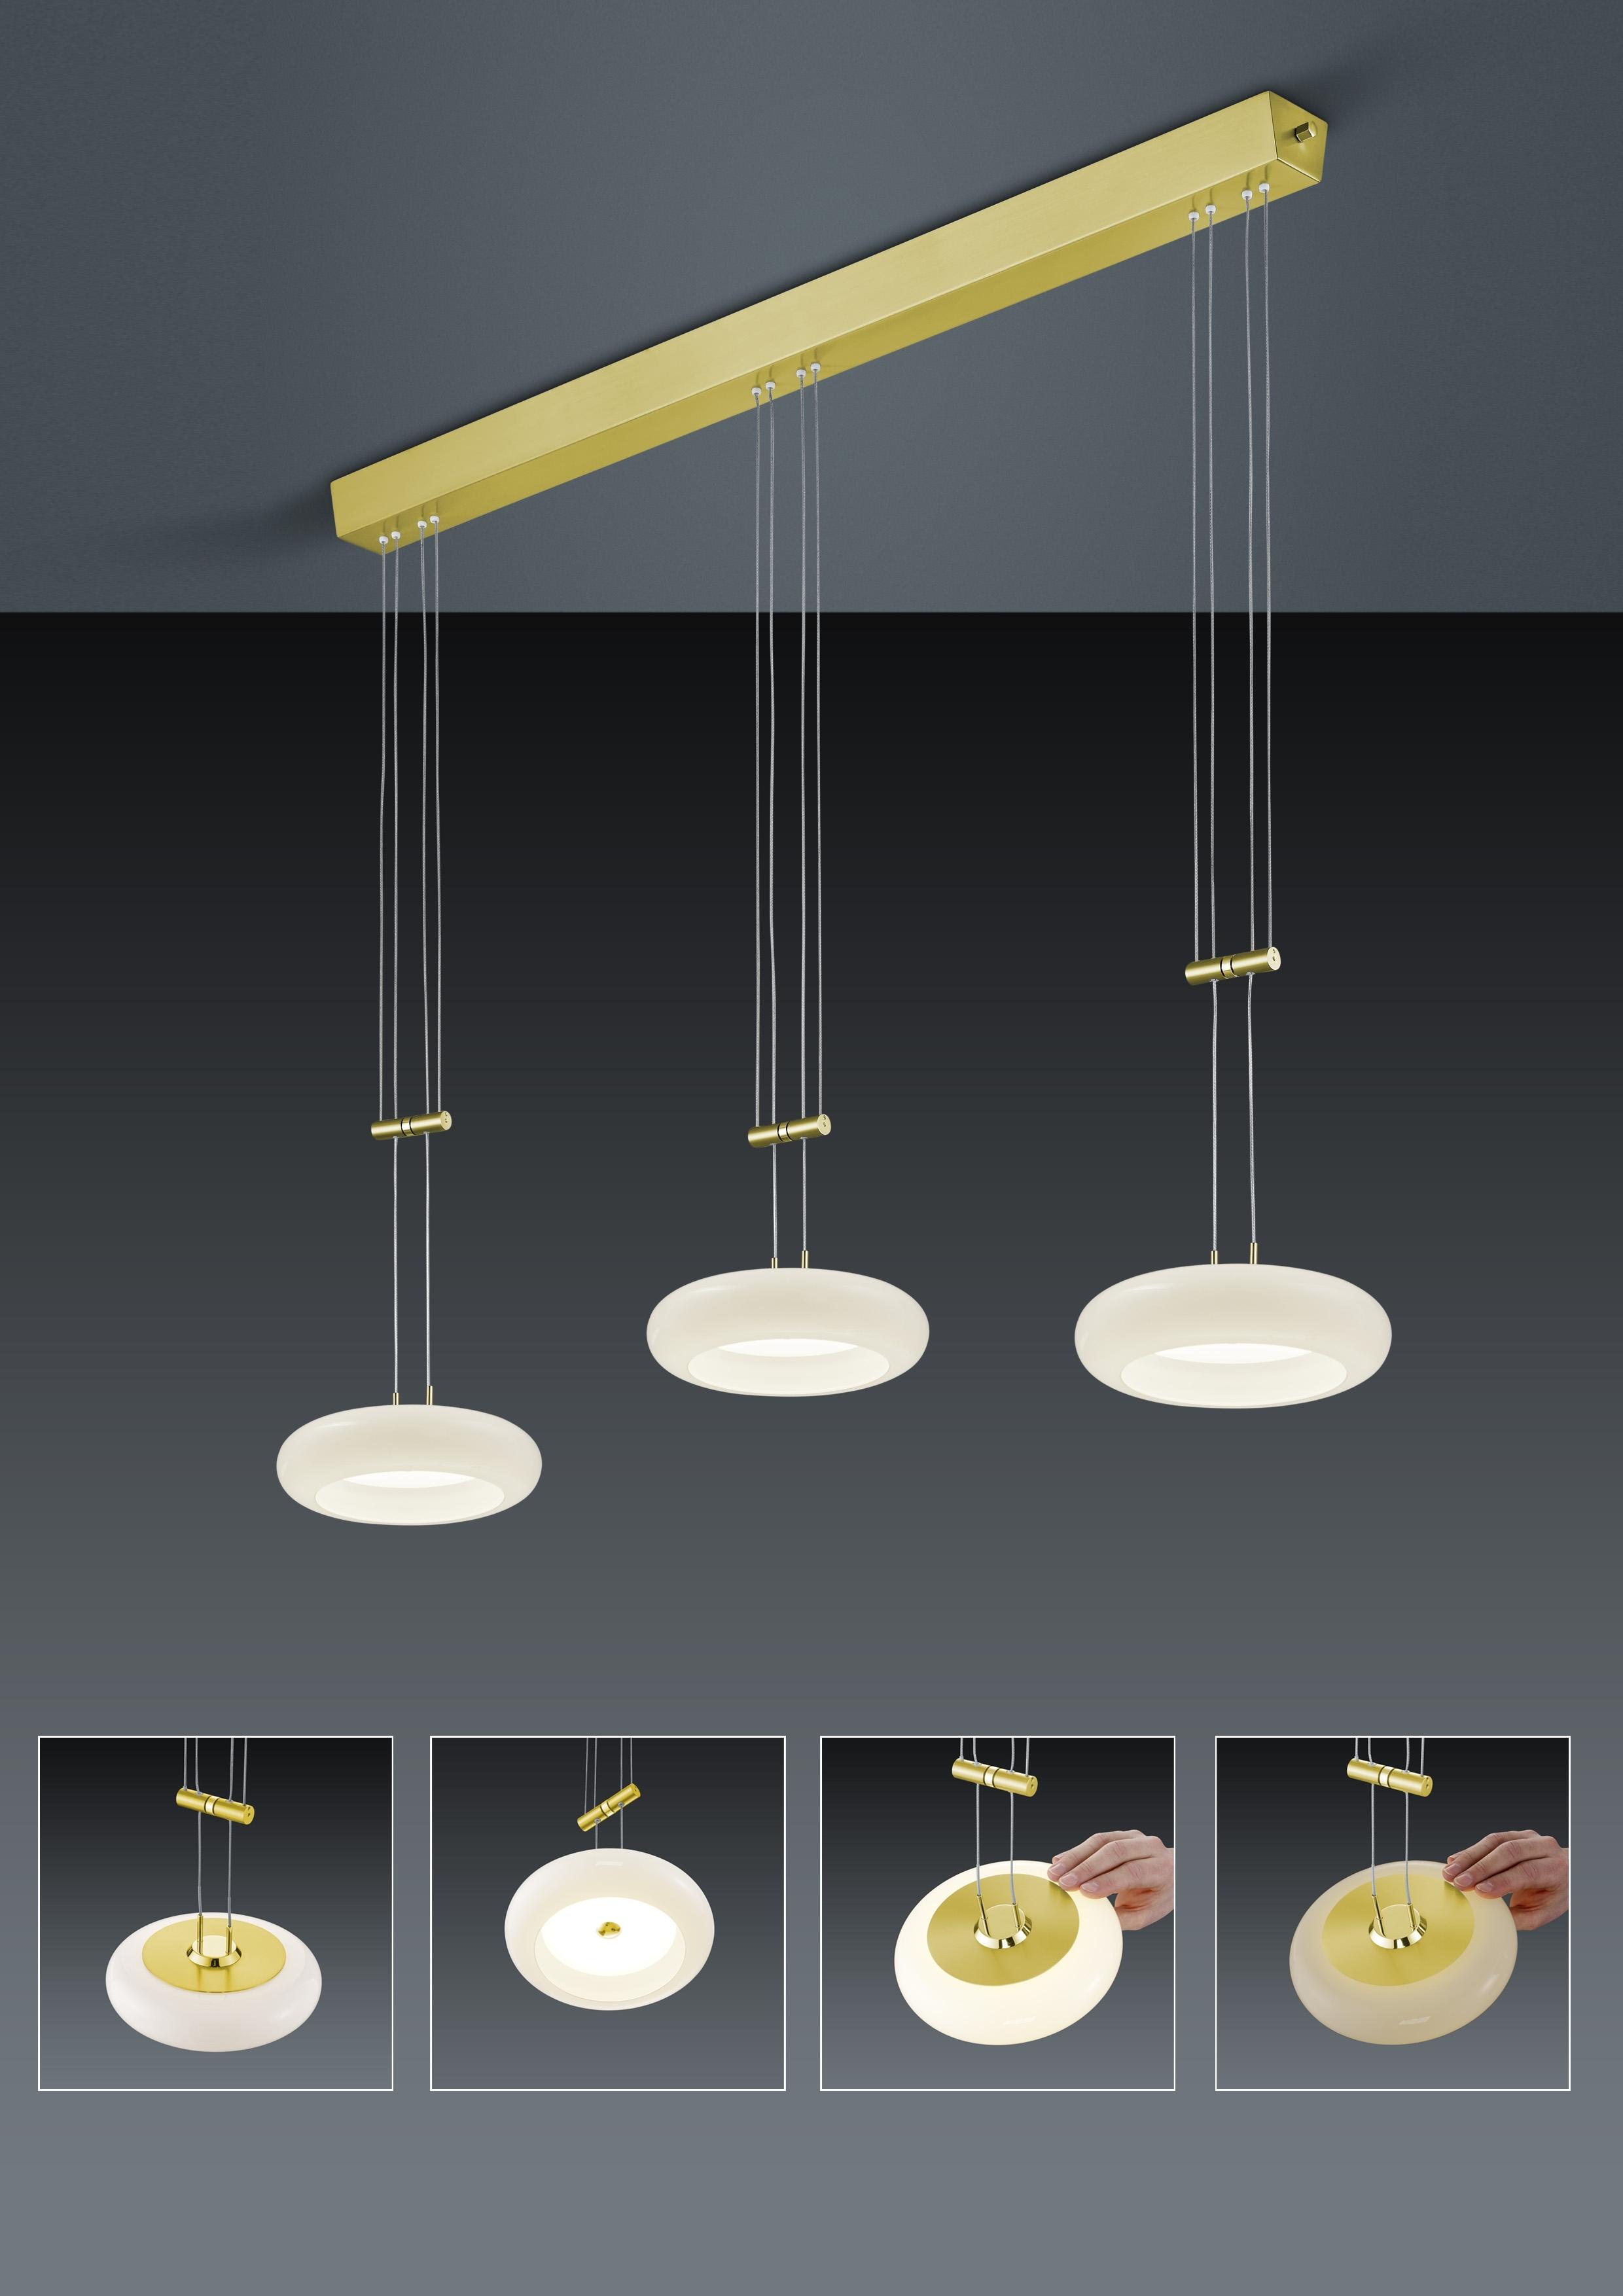 Centa LED Pendelleuchte von BANKAMP Leuchtenmanufaktur